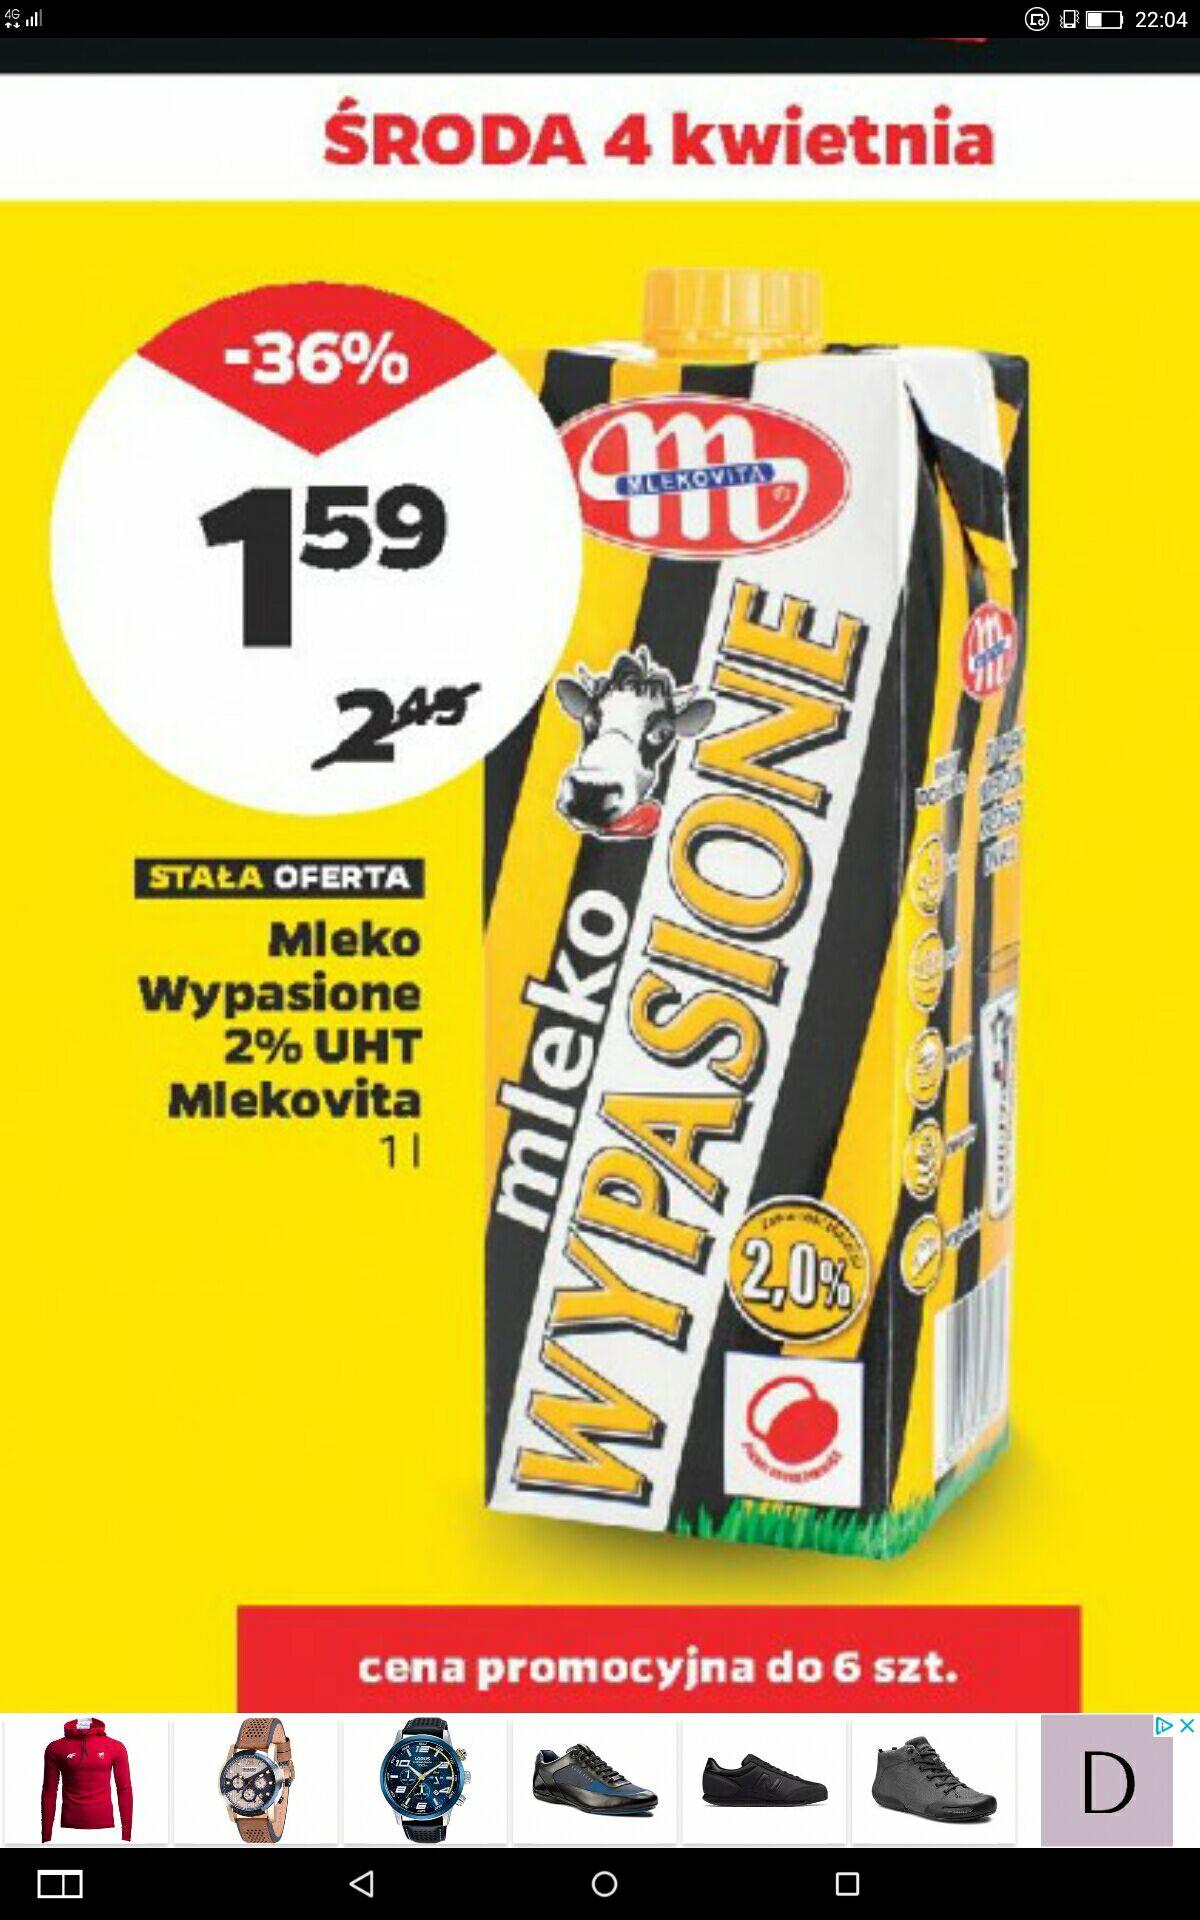 Mleko Wypasione  2% za wypasioną cenę !!!